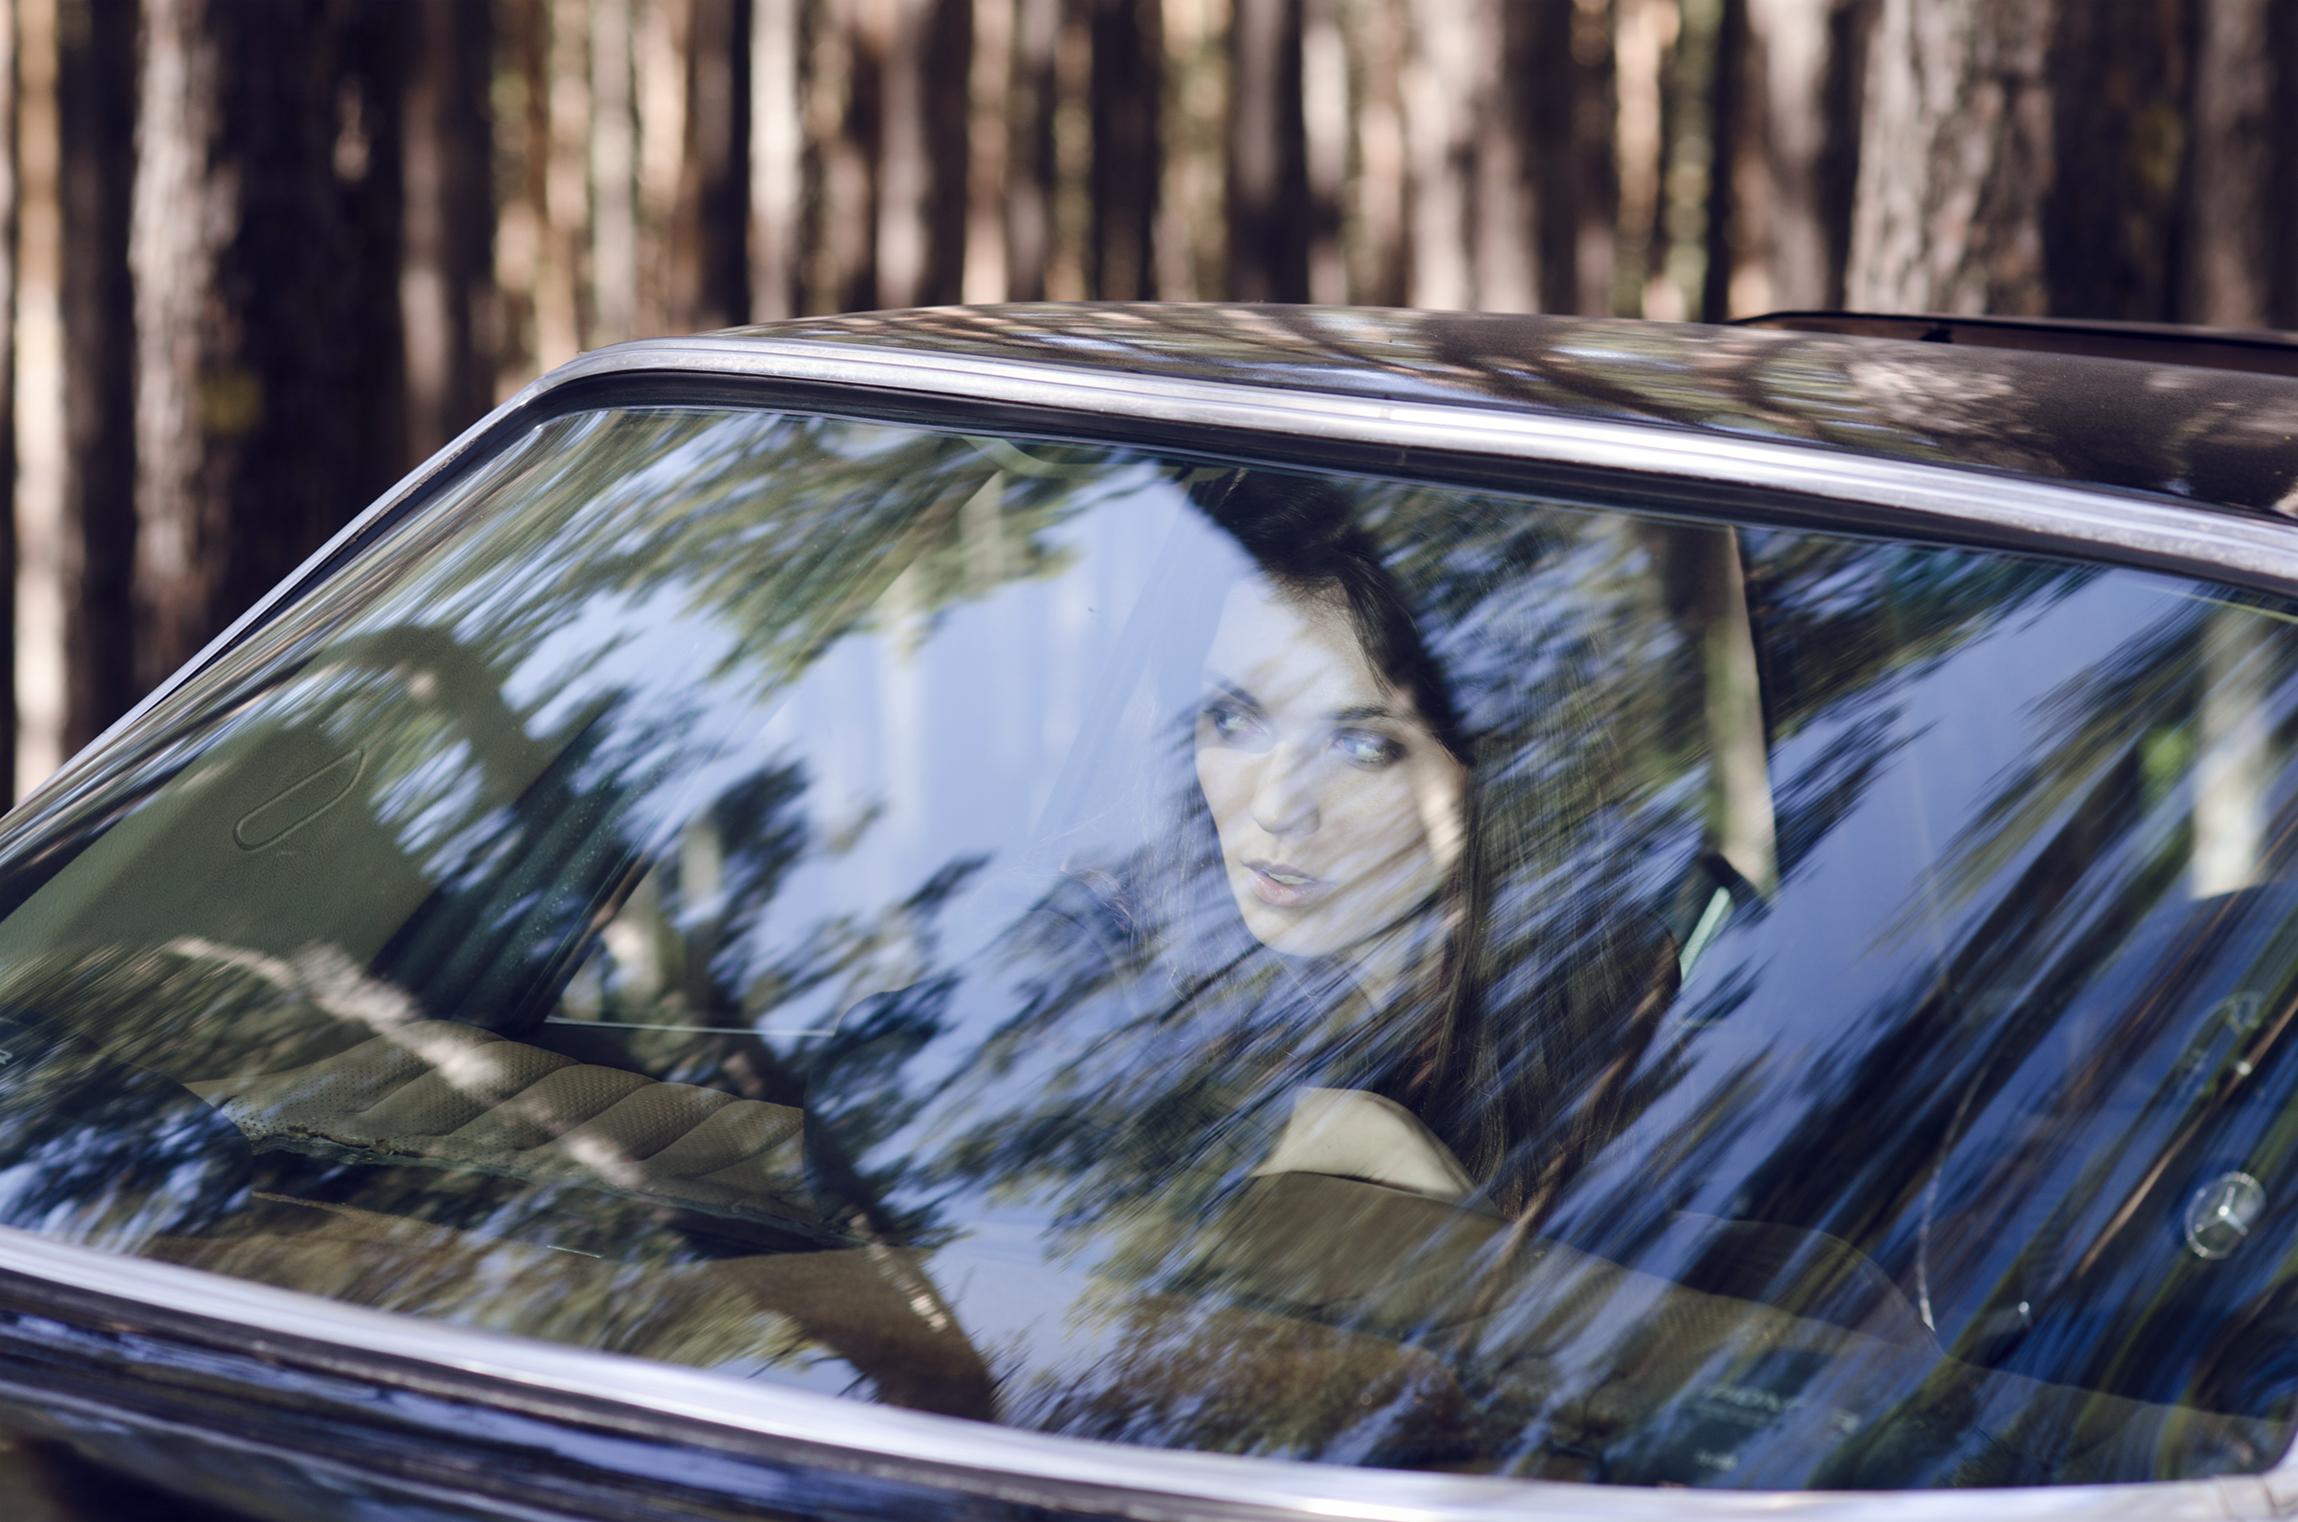 Diana-Stanciu-3.jpg